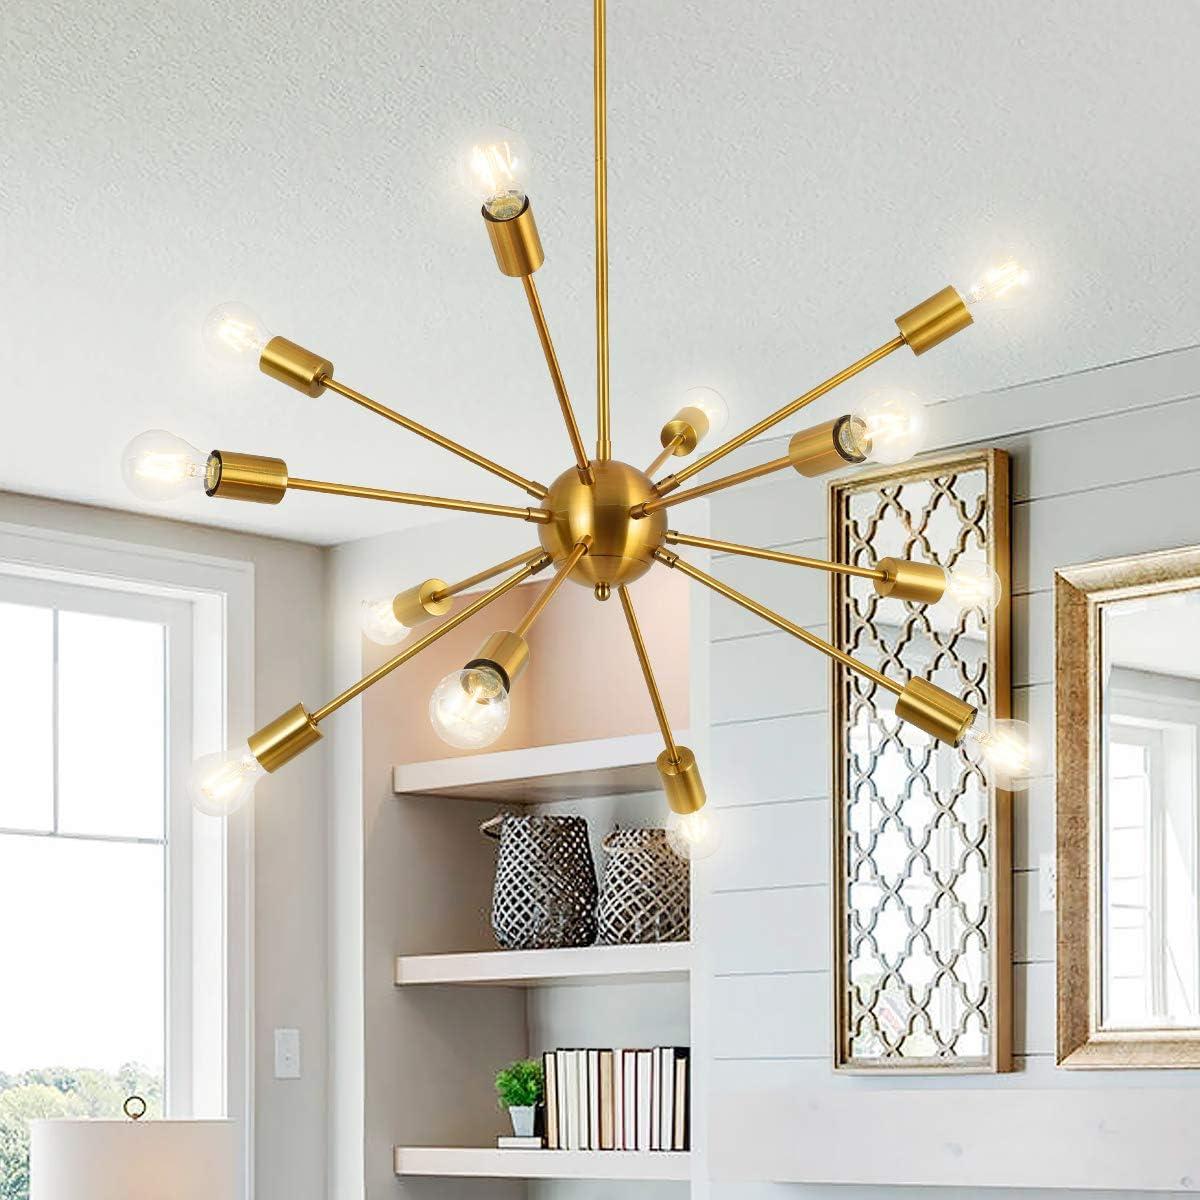 Modern Sputnik Chandelier 12 Lights Mid Century Vintage Ceiling Pendant Light Fixture for Kitchen Island Bar Living Room, Brushed Brass